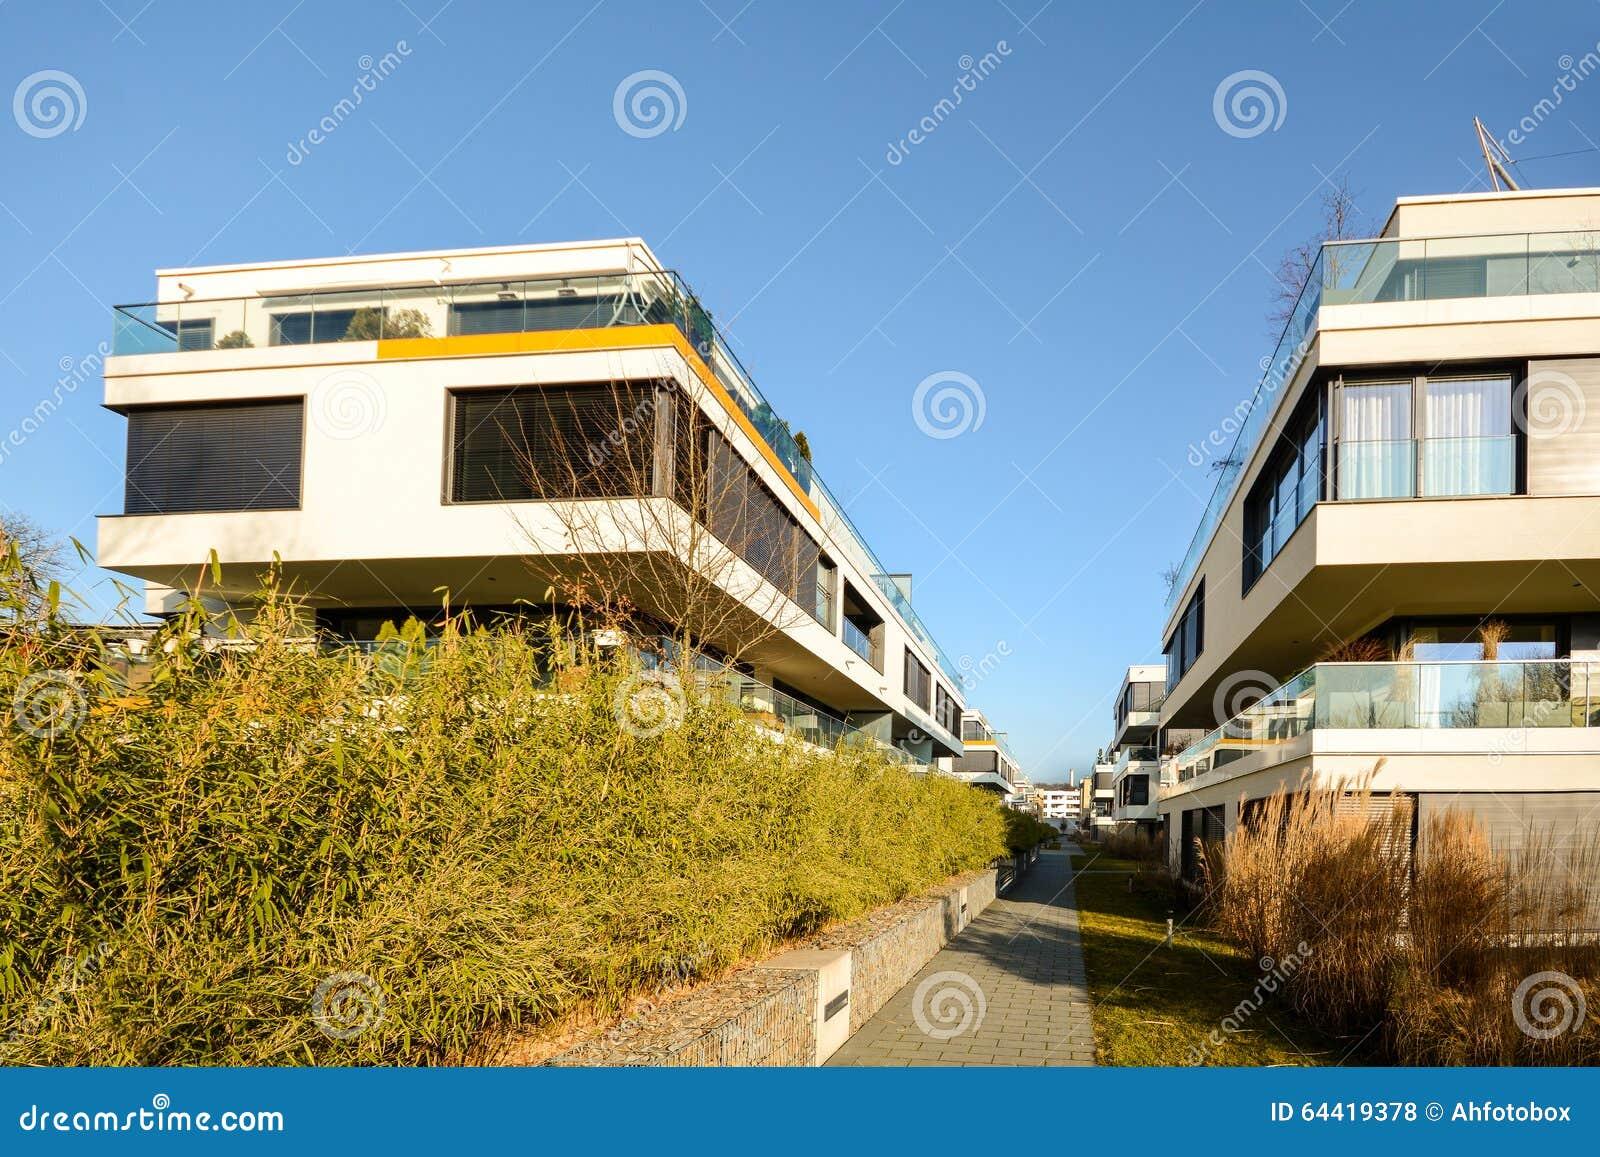 Alloggio moderno nella città - edifici residenziali urbani